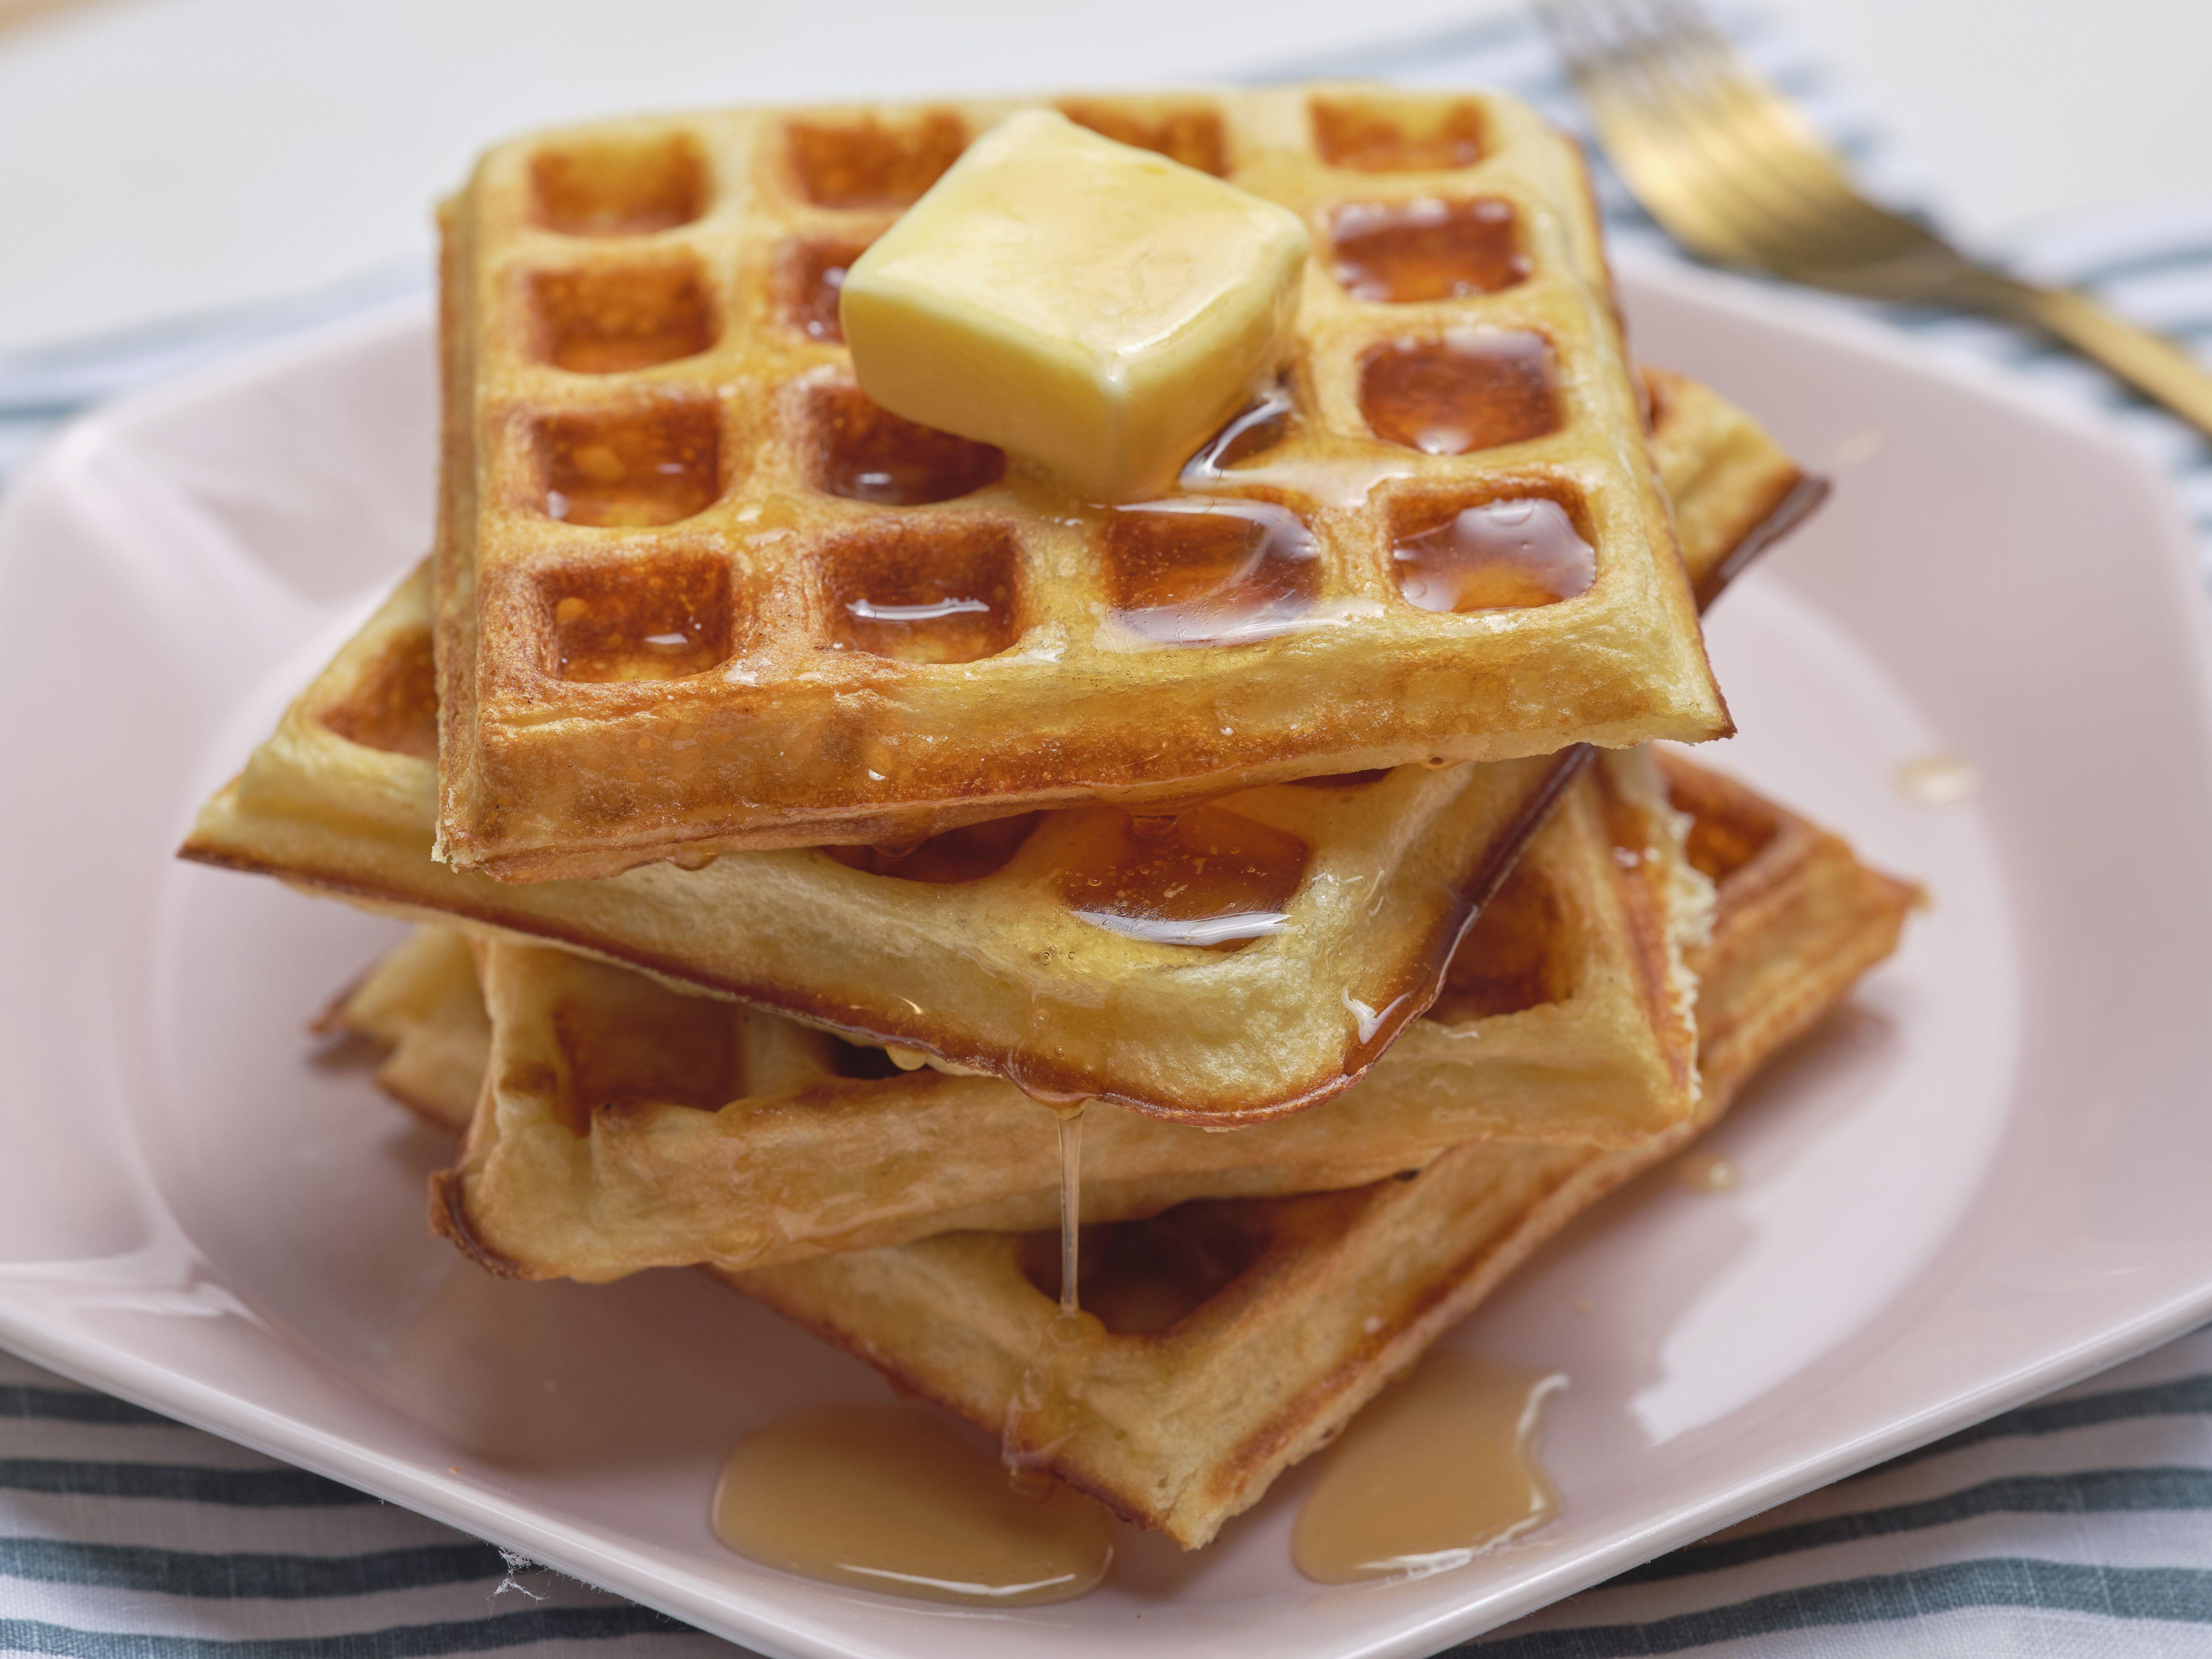 The Best Buttermilk Waffles Recipe In 2020 Buttermilk Waffles Food Network Recipes Waffle Recipes